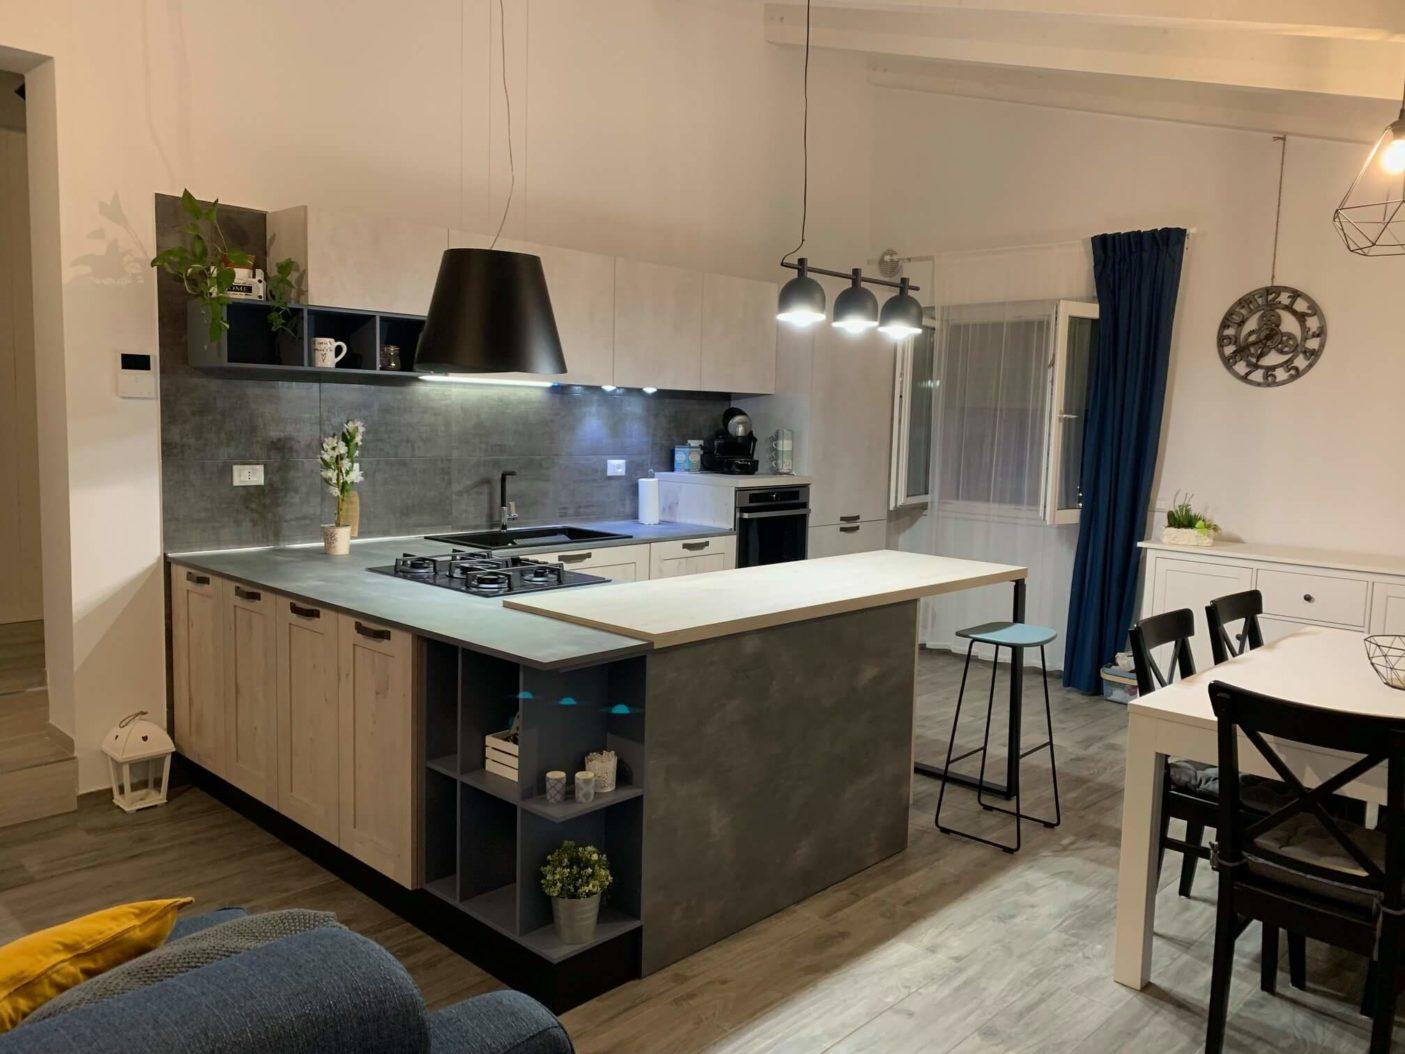 Cucina-Creo-Kitchens-e-Shabby-Chic-Style7.jpg